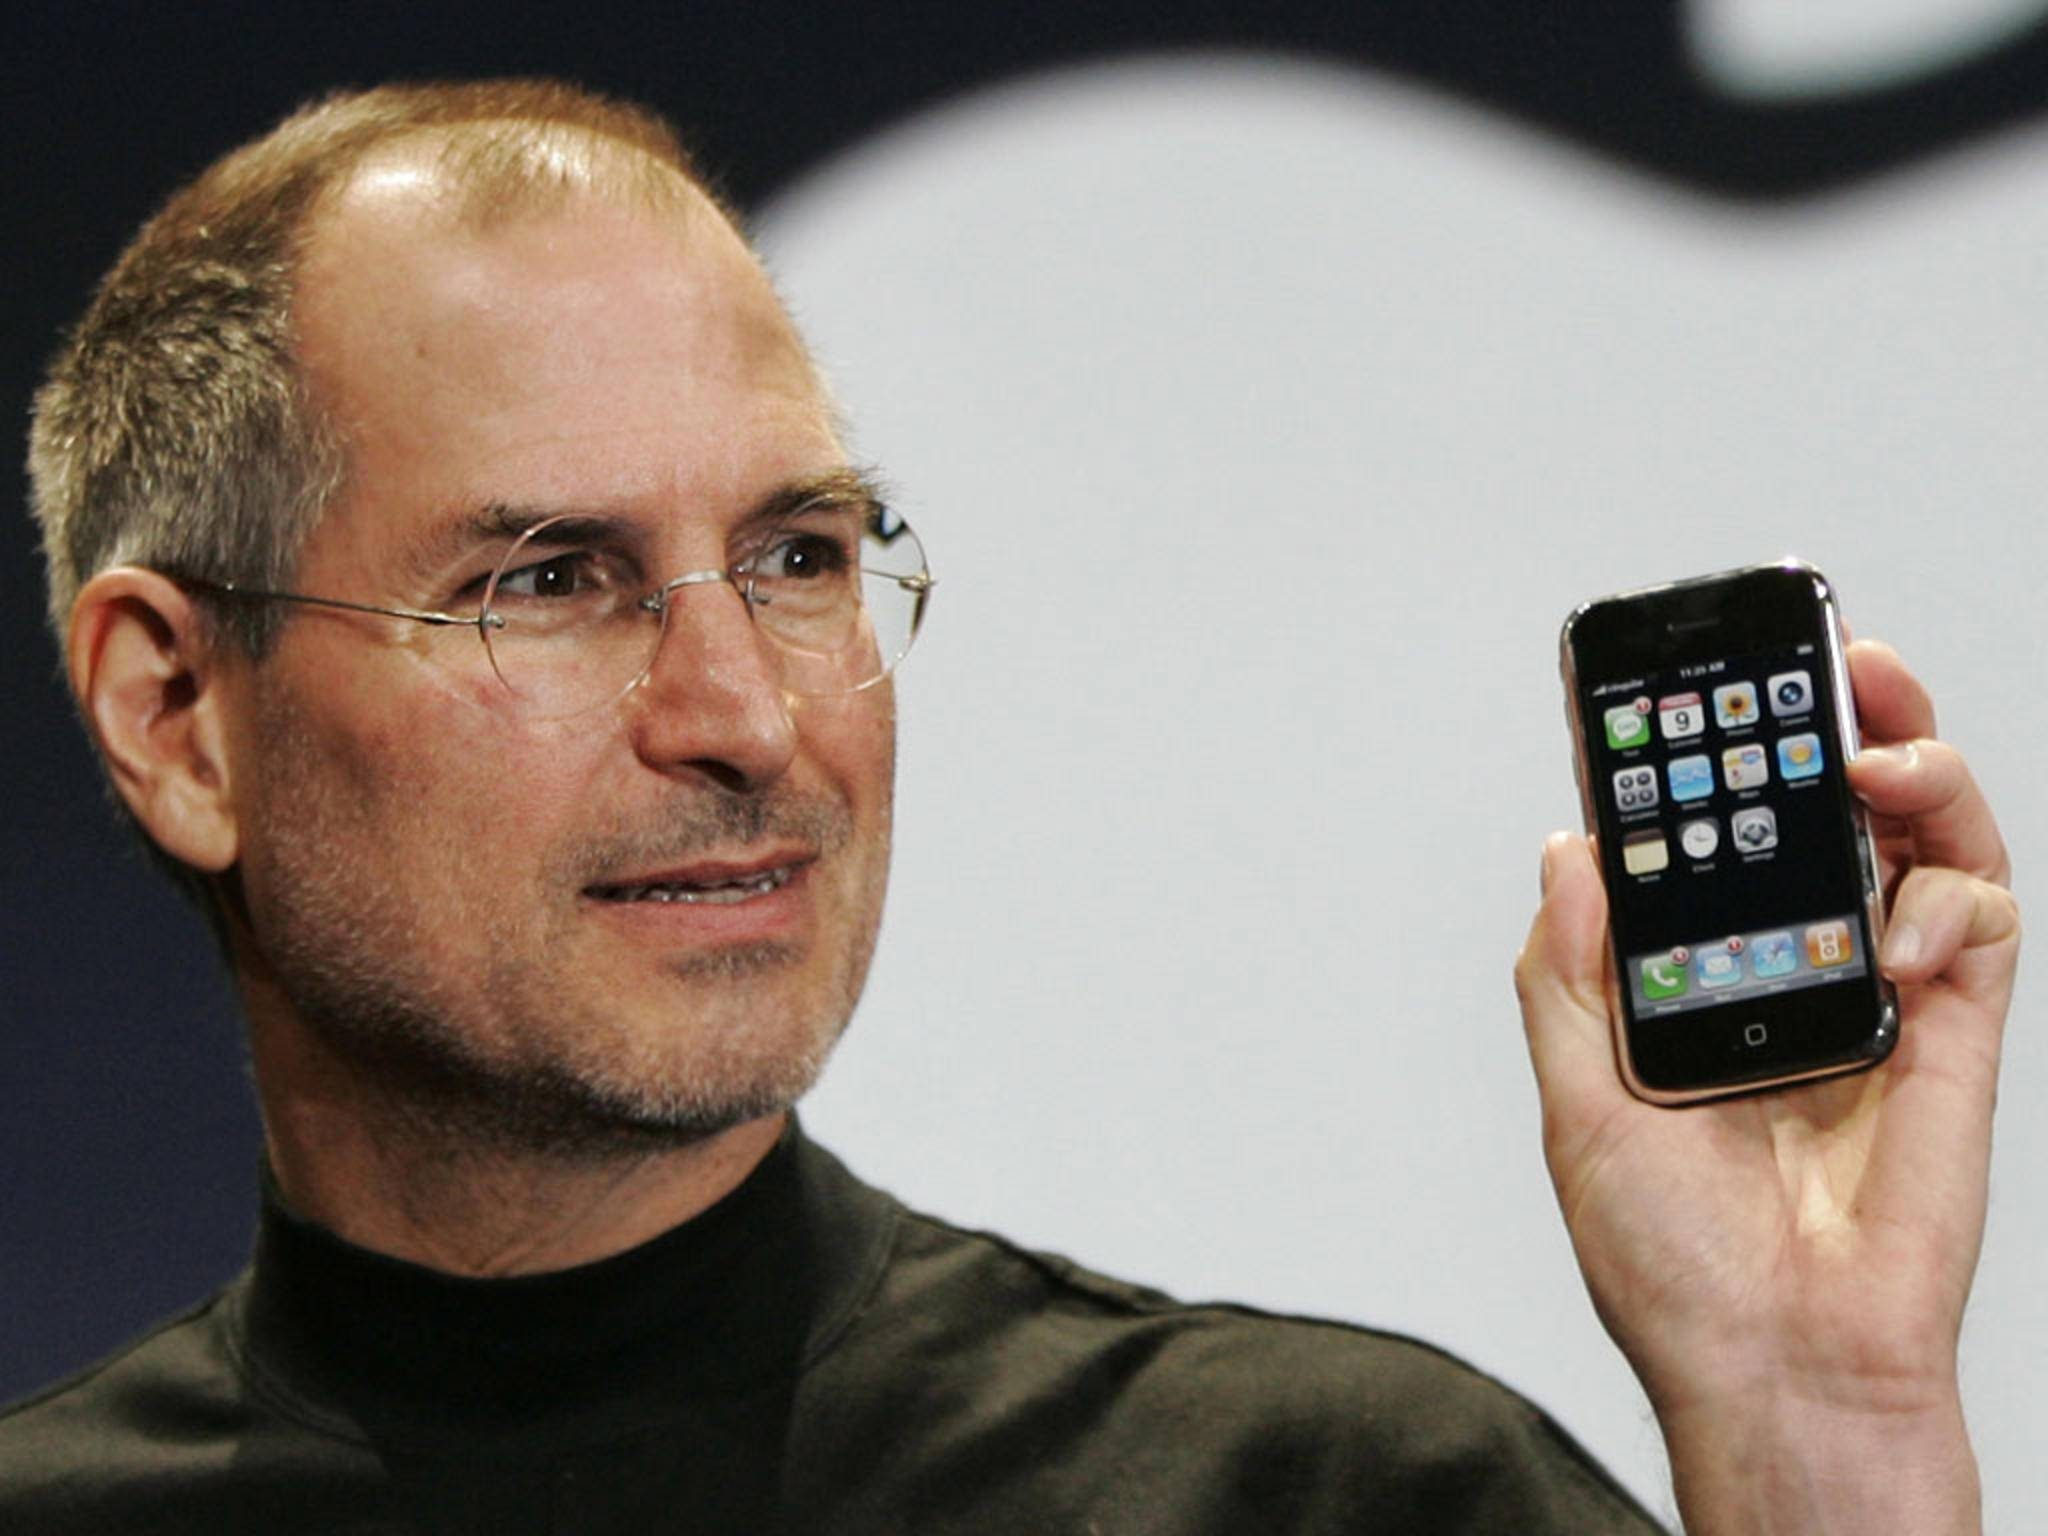 Steve Jobs wollte uns zu iOS konvertieren - dank App ist der Wechsel nun einfach.